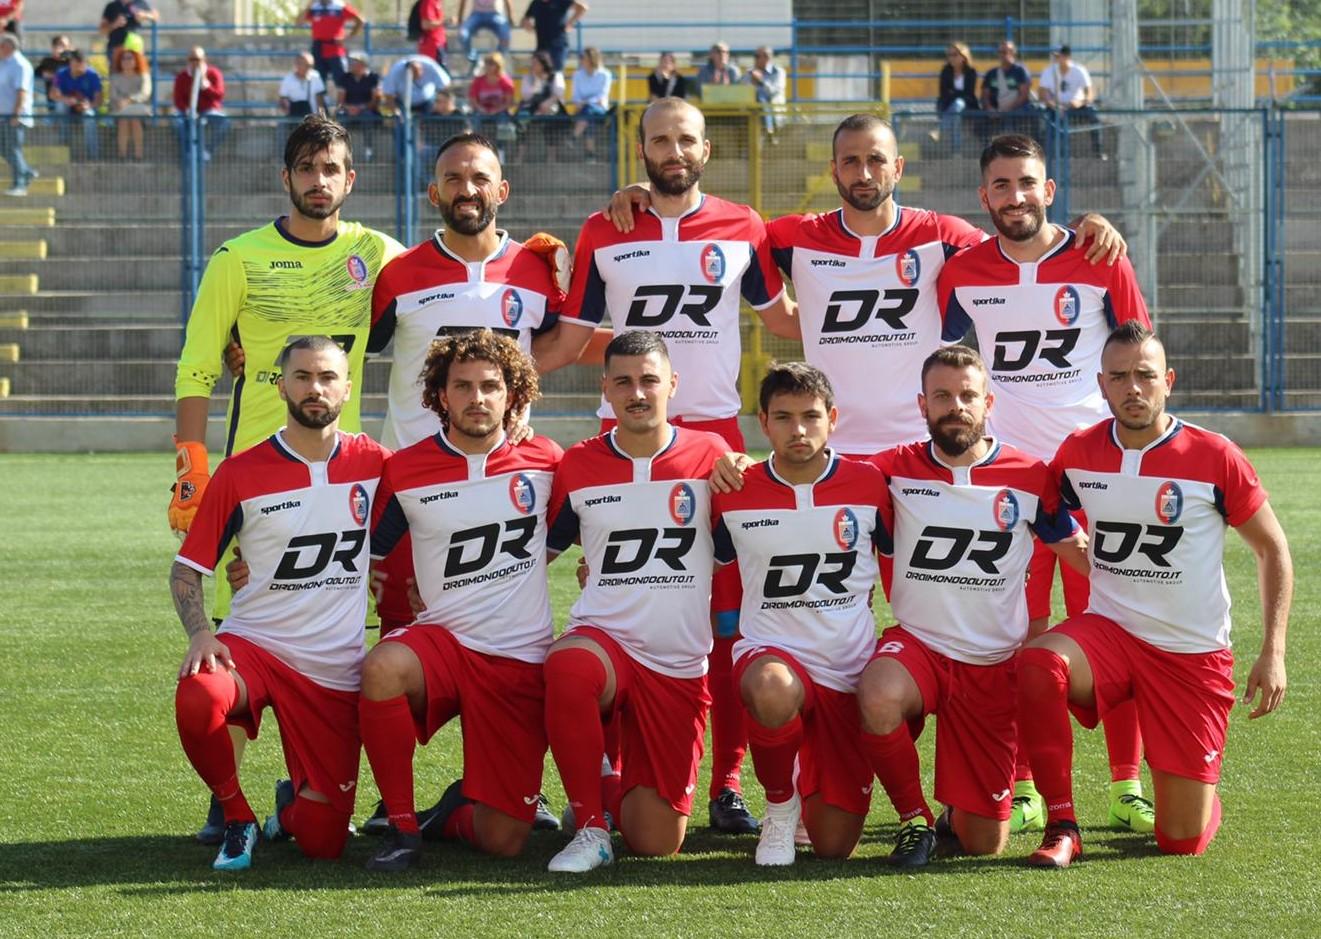 Calcio, Promozione: per il Frigintini ancora sconfitto classifica sempre più pesante